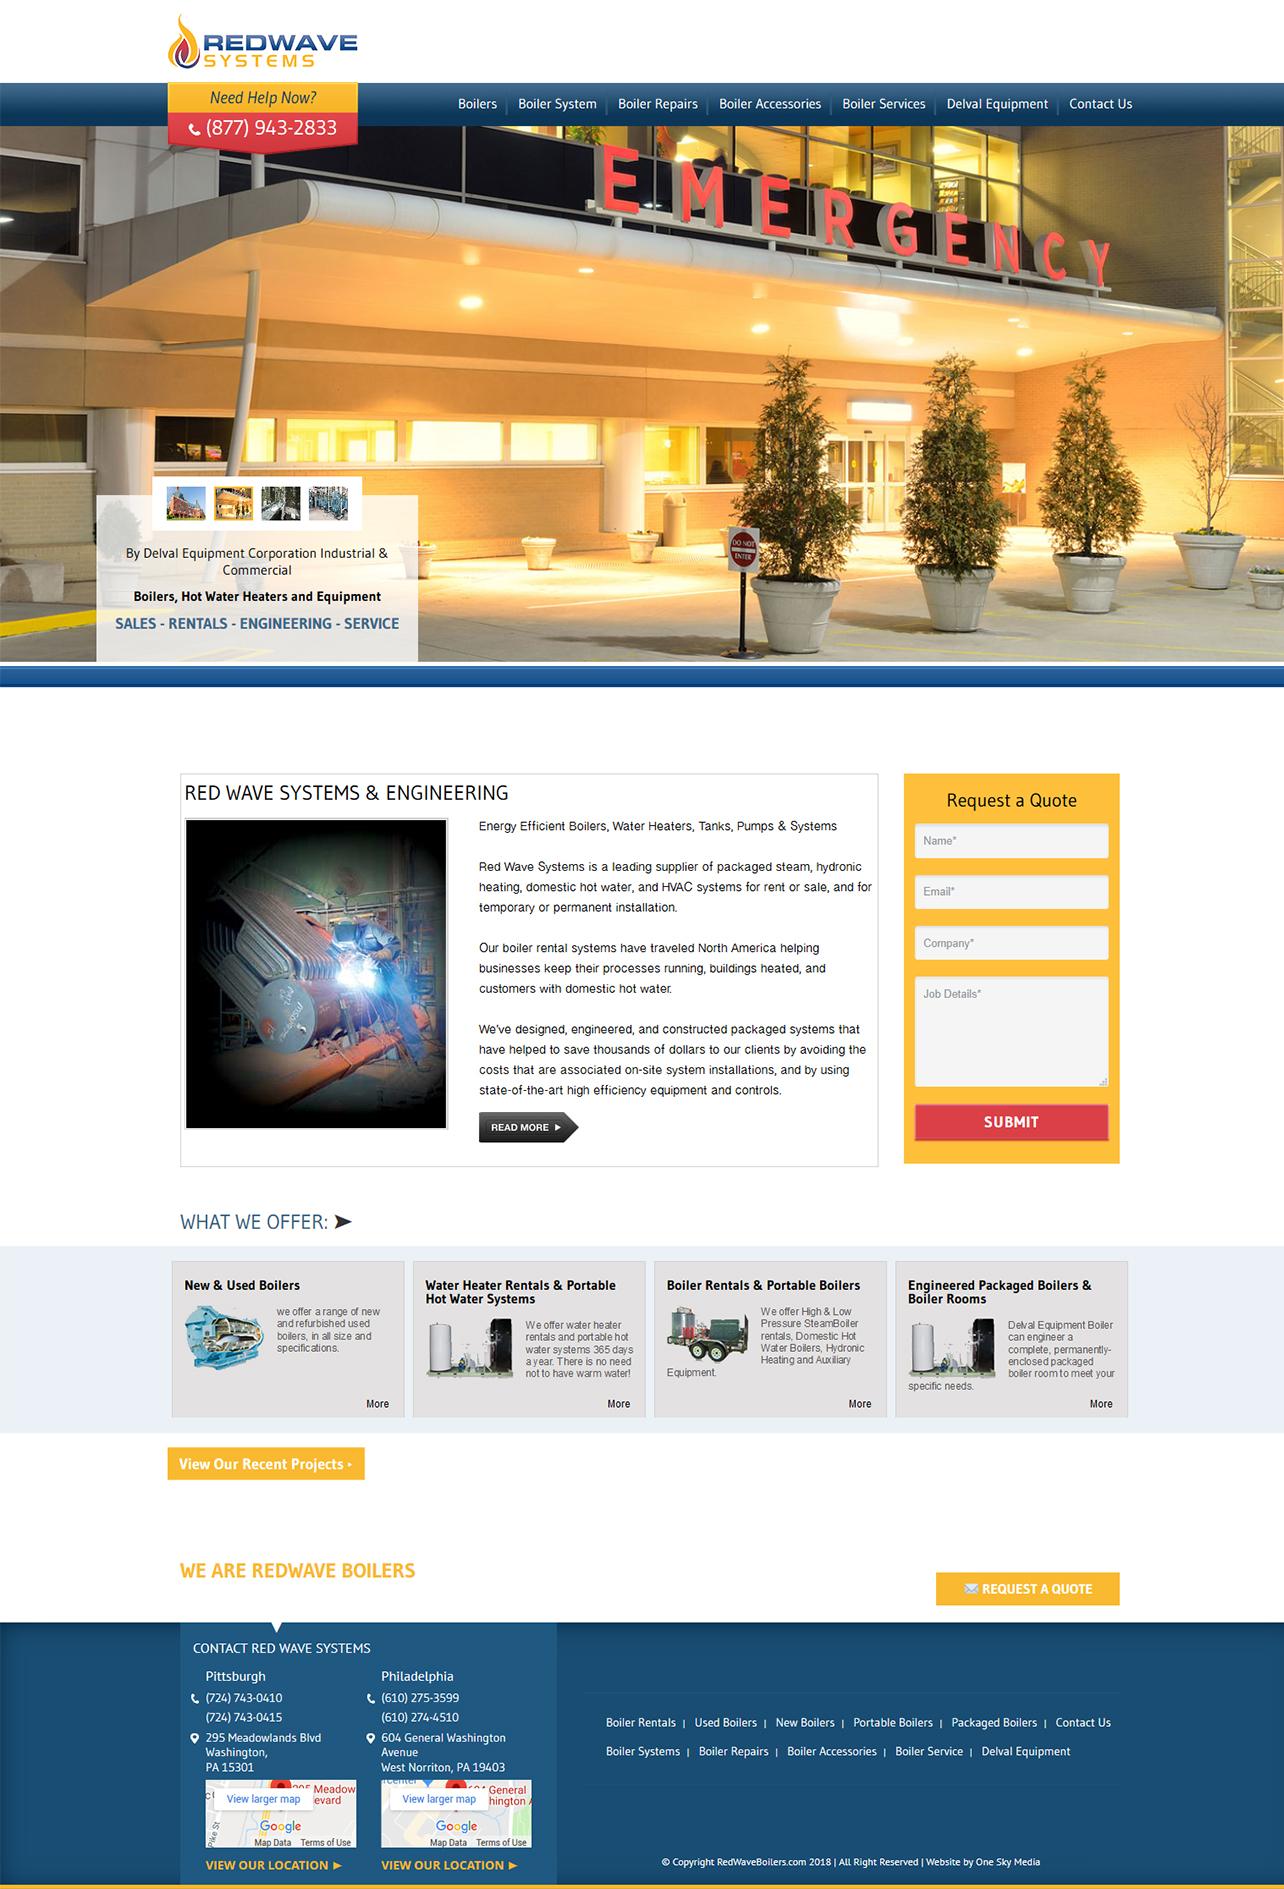 Redwave Systems Boiler Sales & Services website design